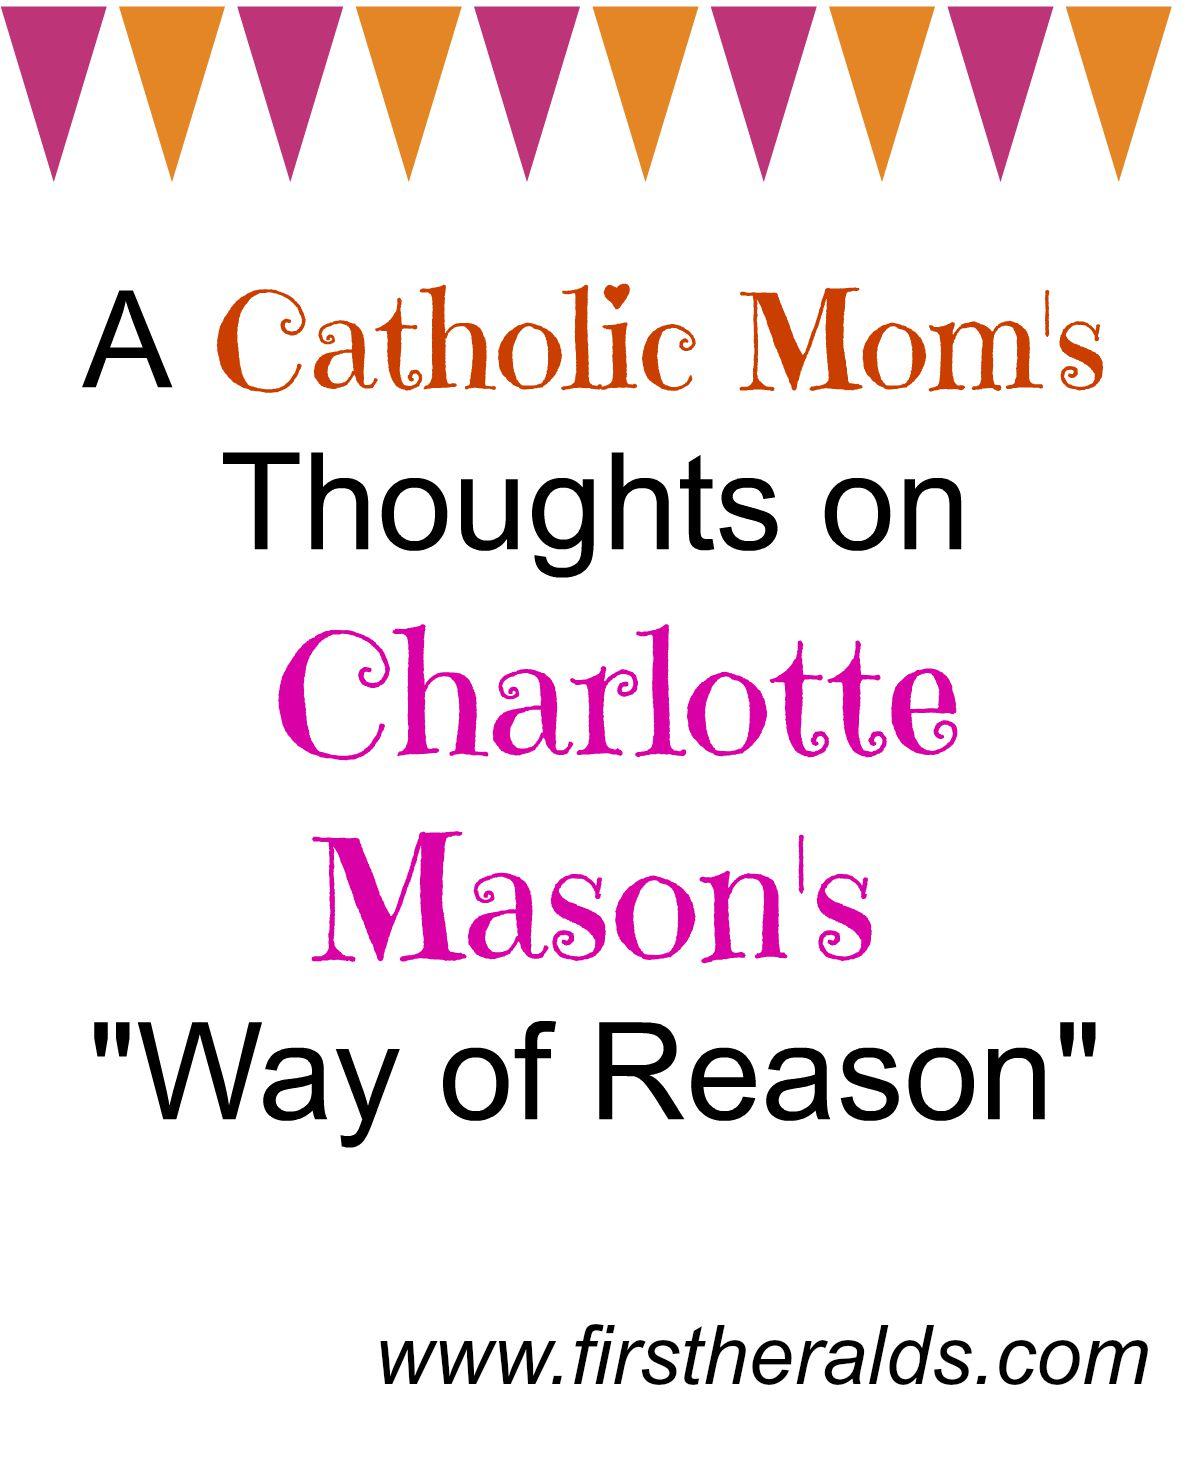 way of reason